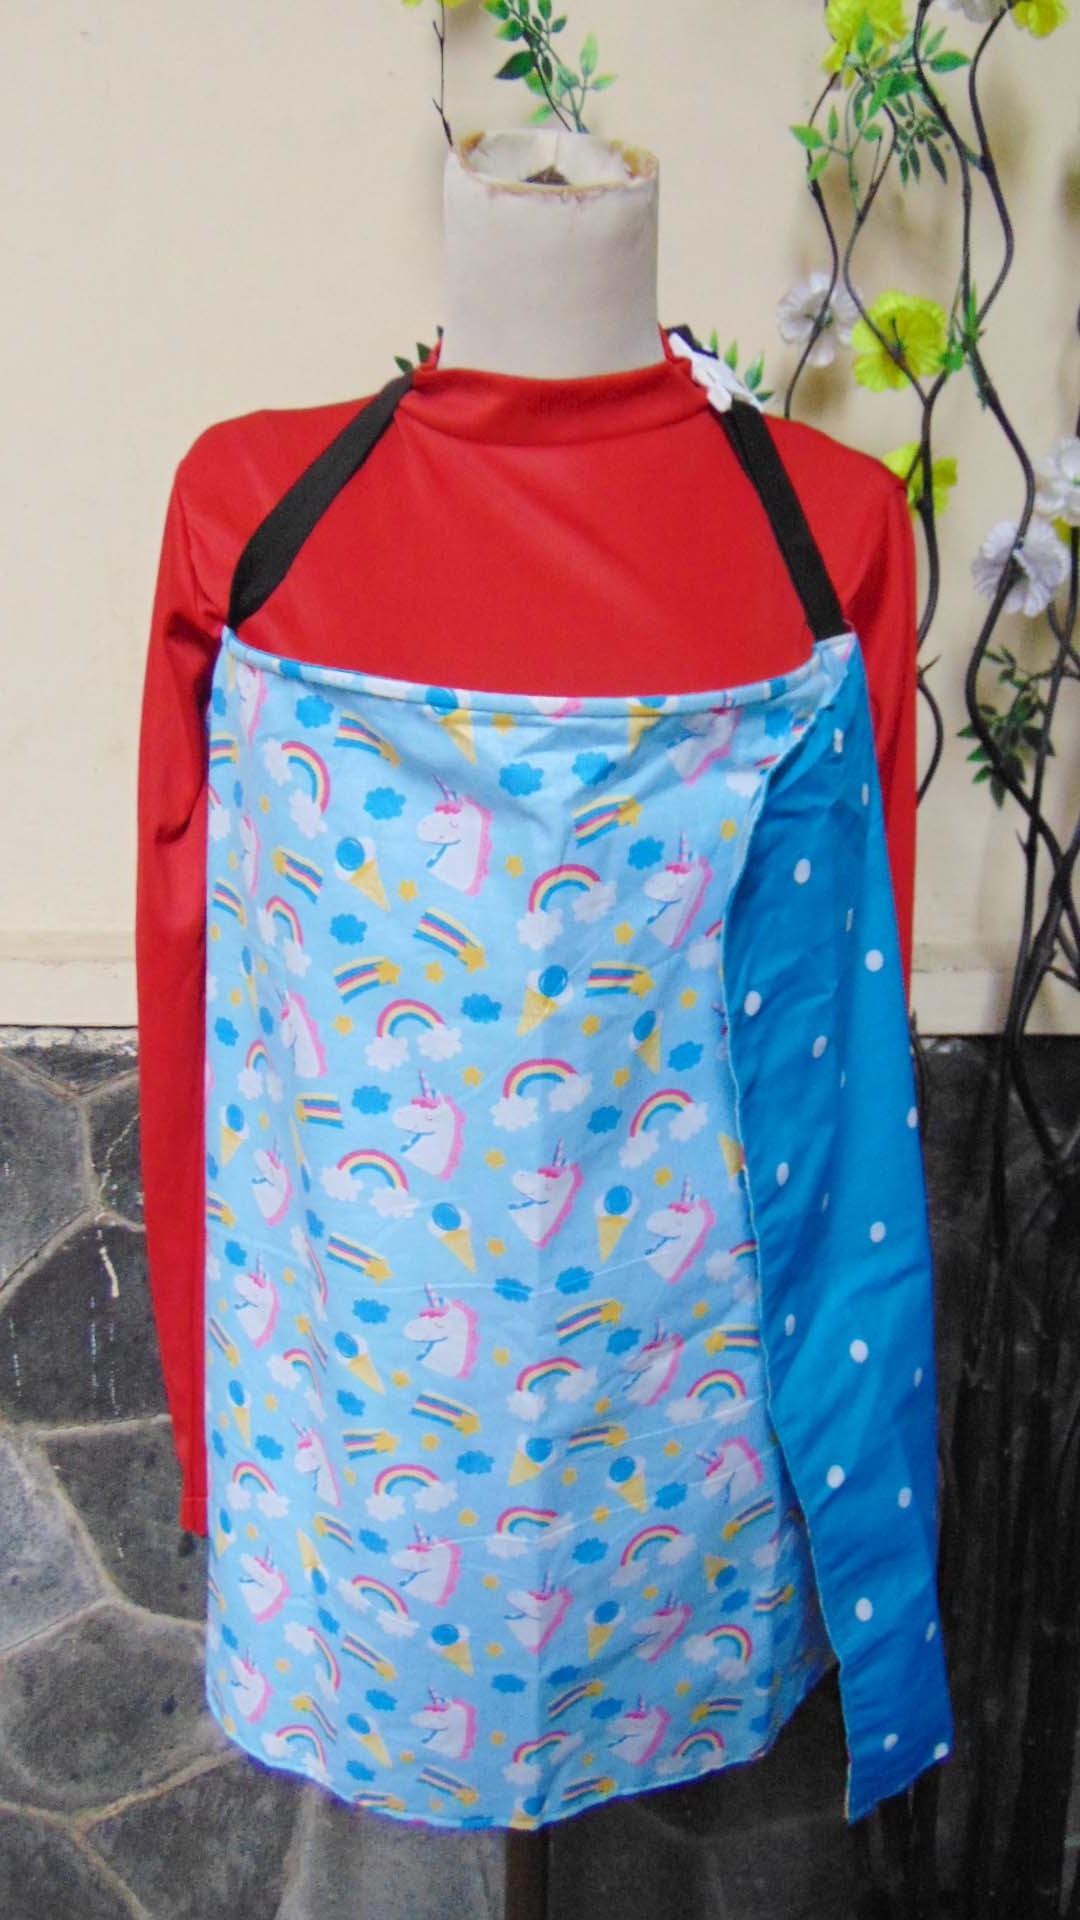 Kado Lahiran Bayi Nursing Cover Penutup Menyusui 2 In 1 Apron Motif Bolak Balik Celemek motif unicorn blue